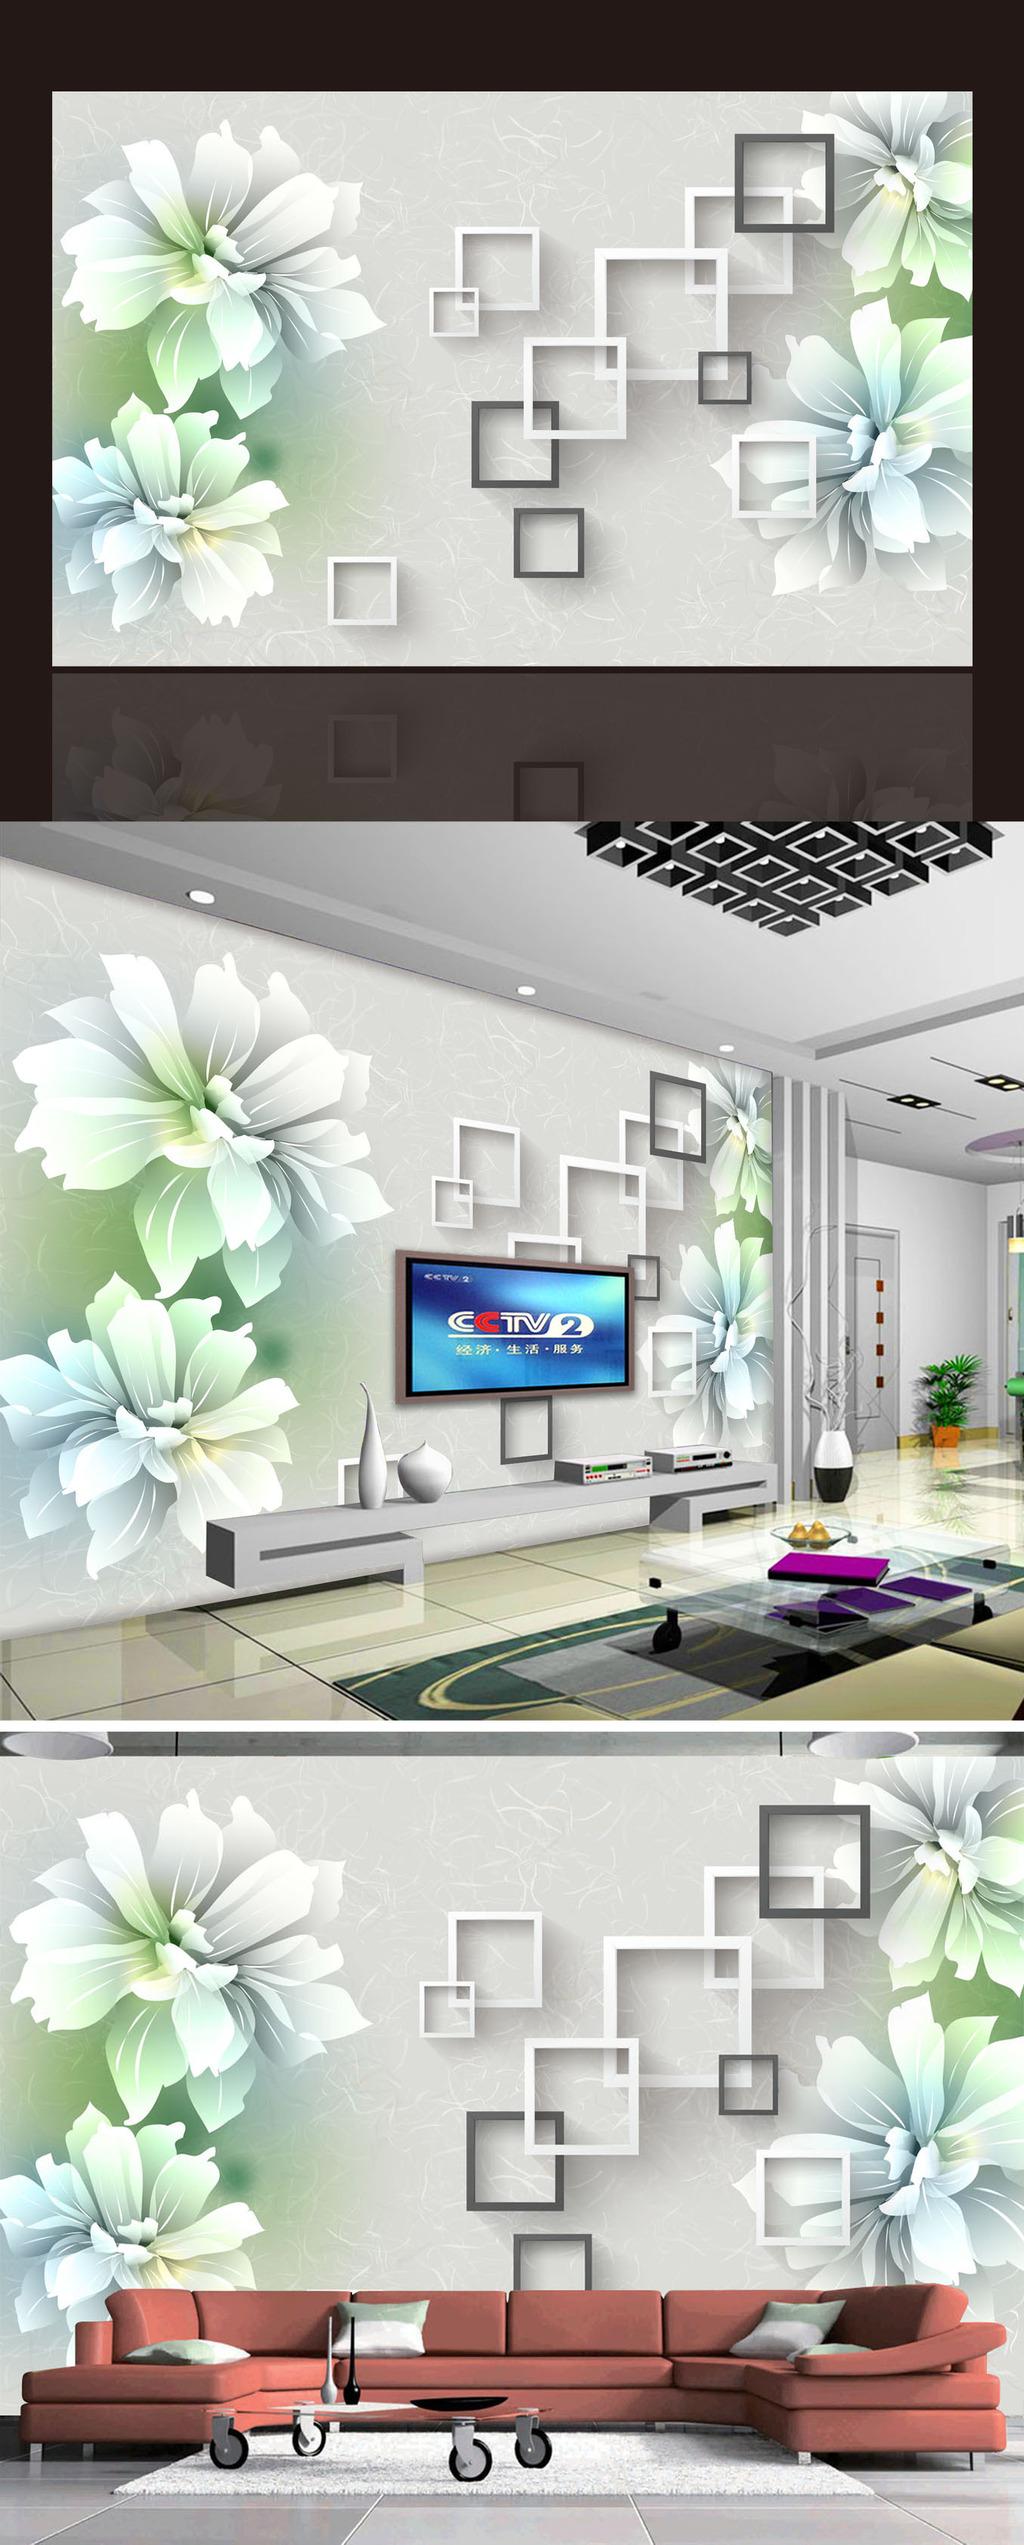 客厅3d立体手绘花卉电视背景墙壁画